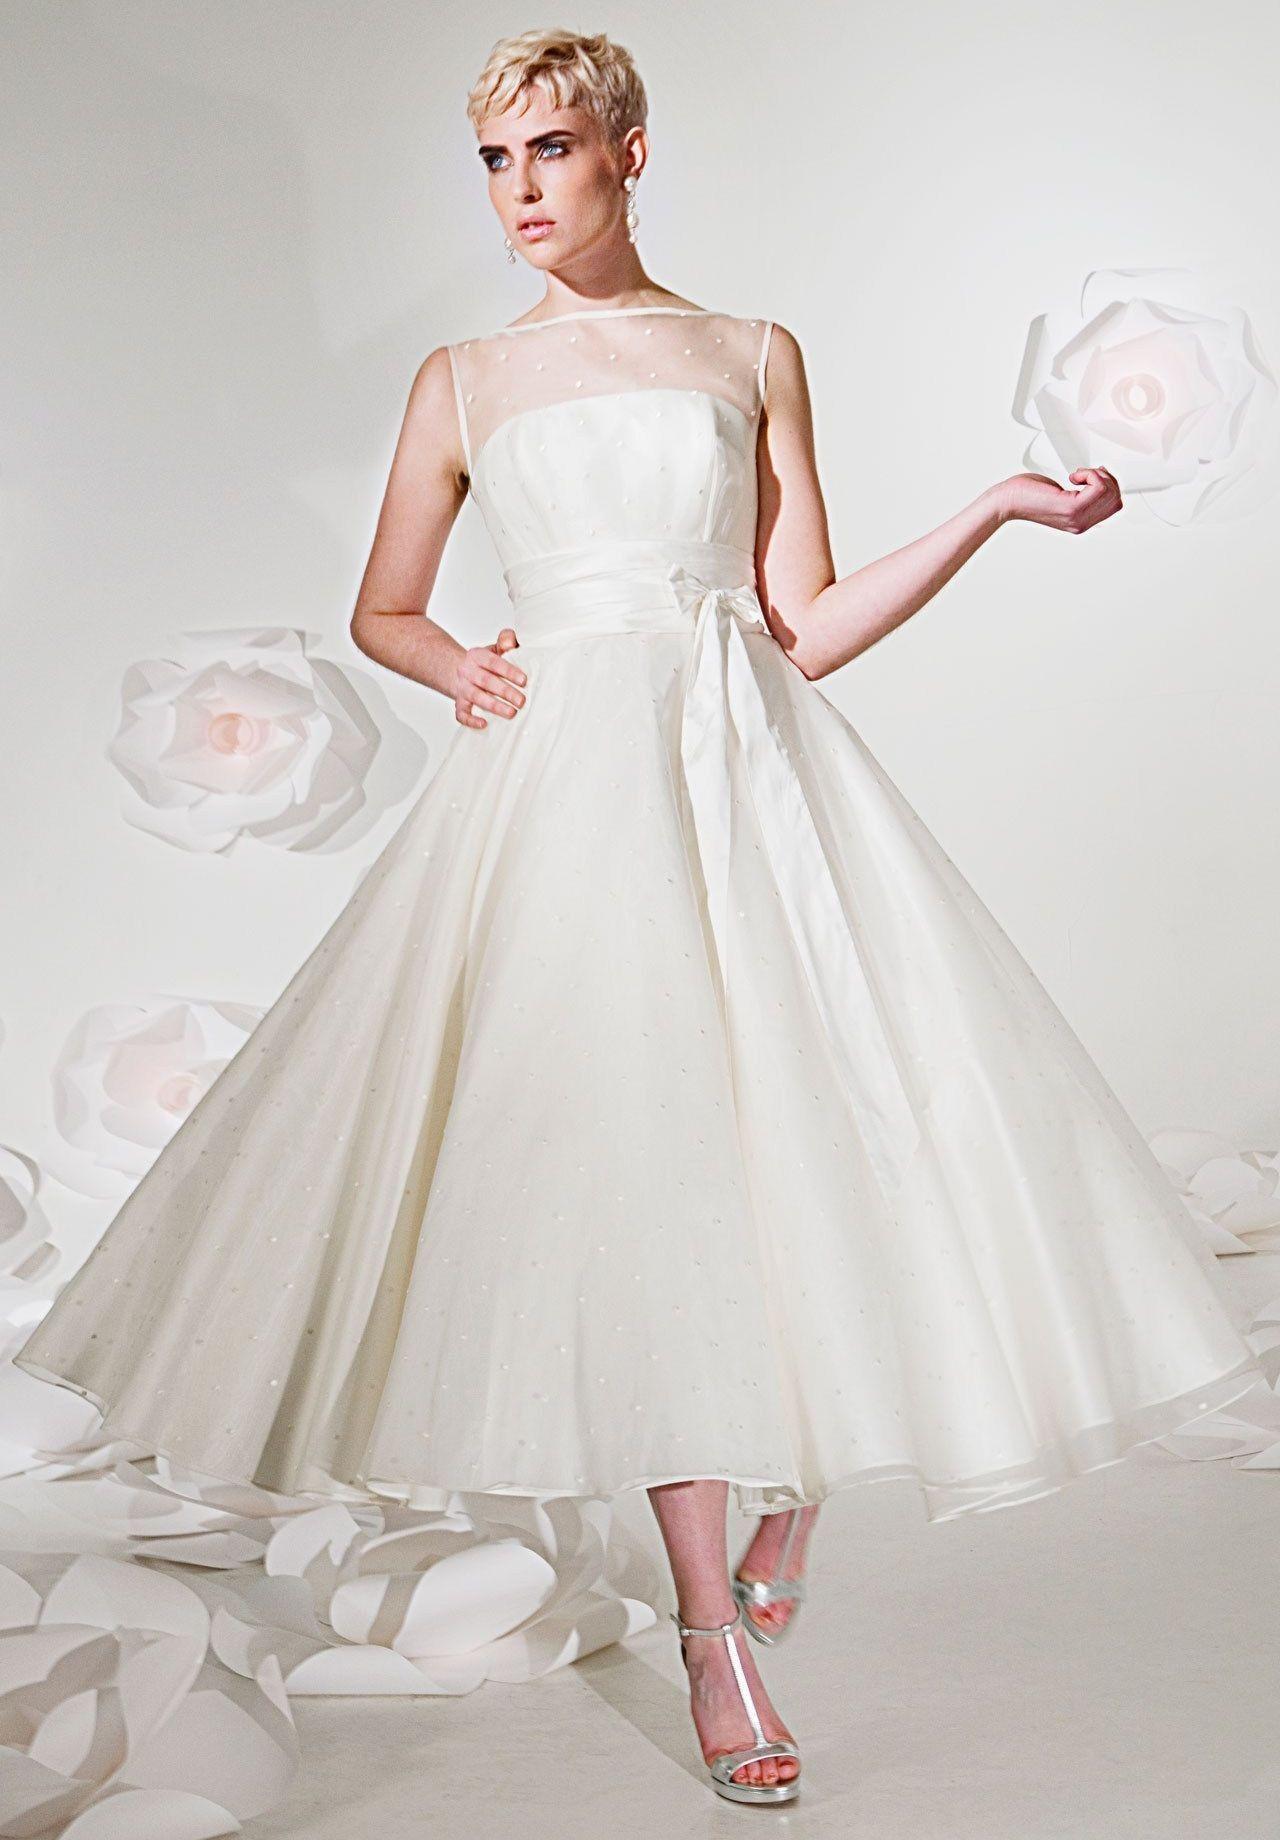 tea+length+wedding+dresses+for+older+brides Gown Tea